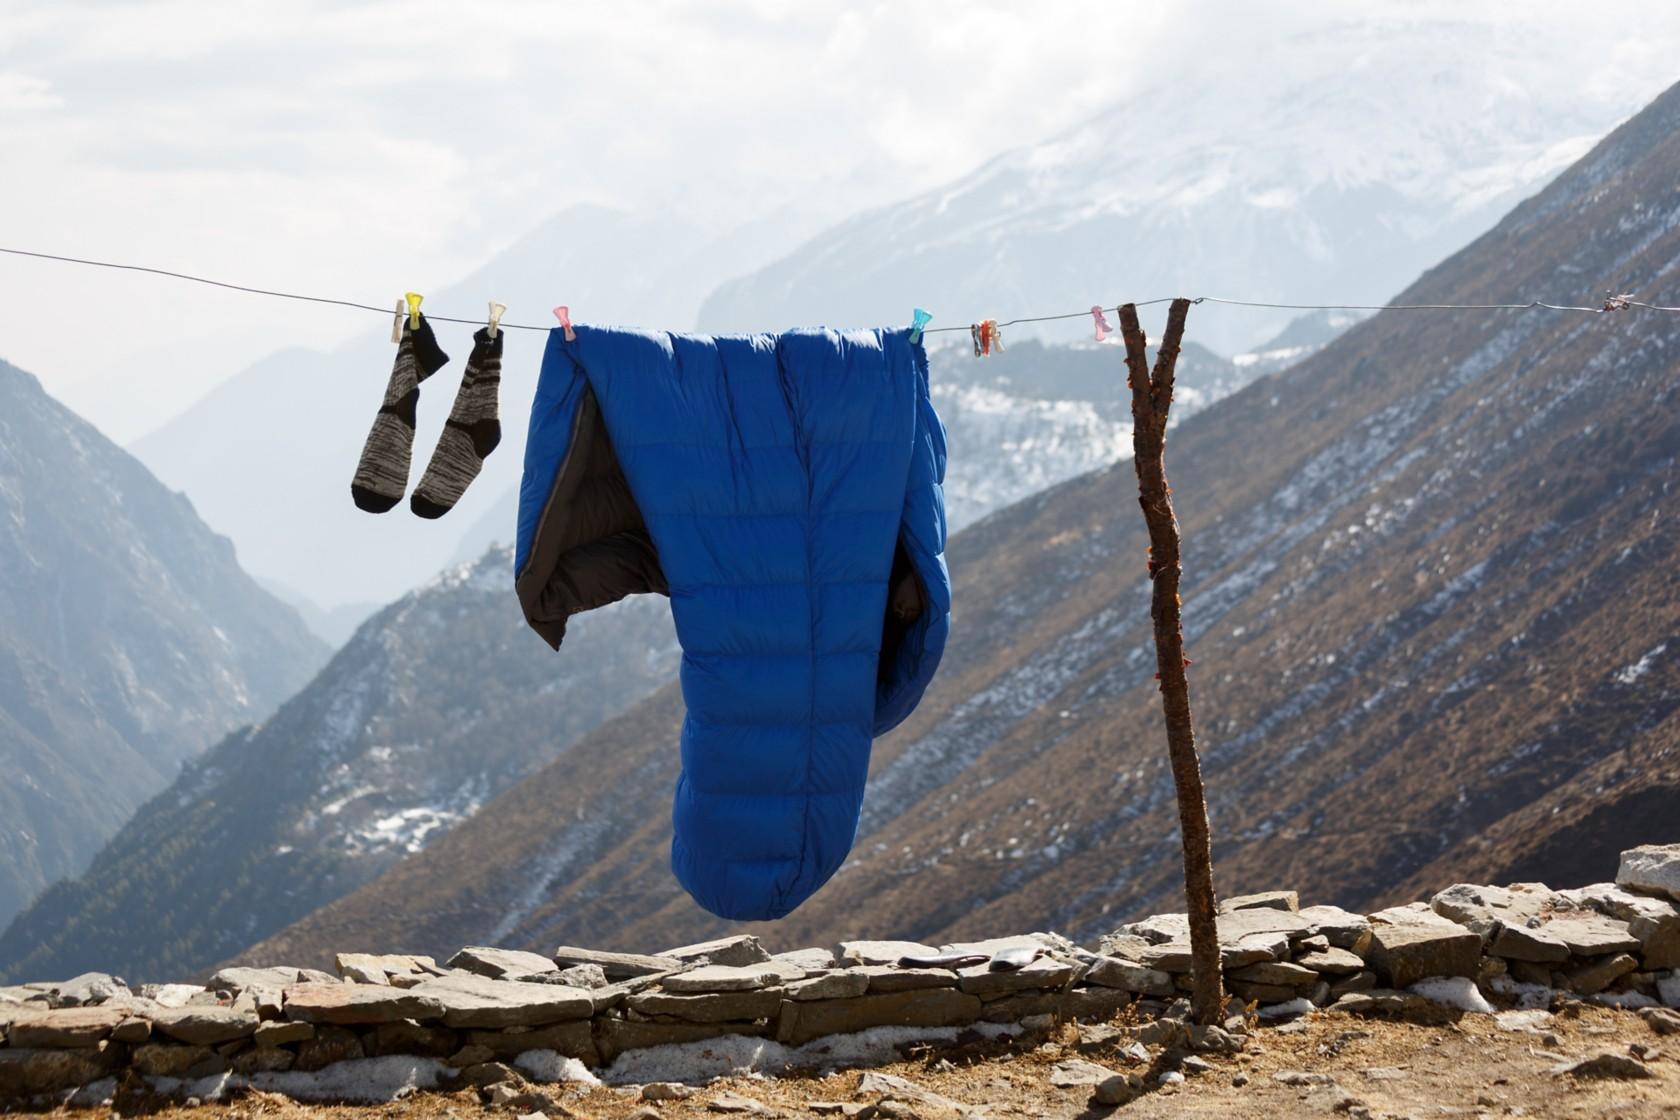 Daunenschlafsack waschen, Schlafsack an der Wäscheleine